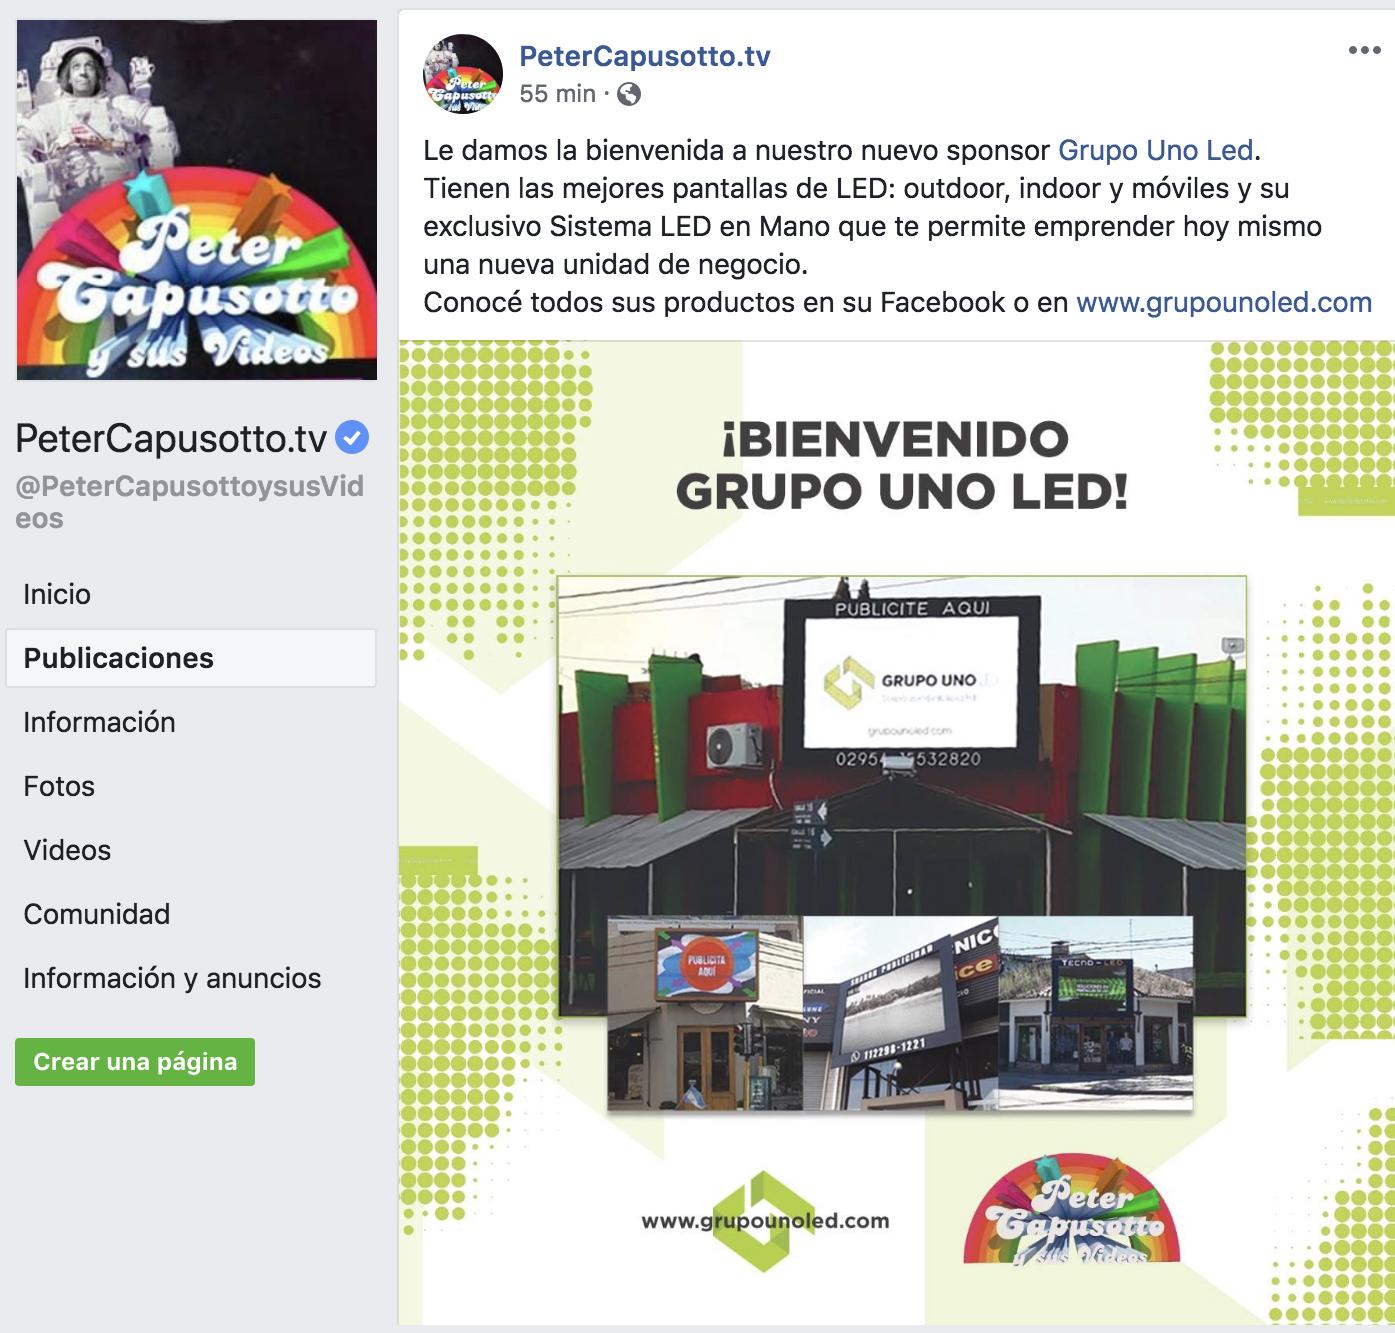 Grupo Uno LED nuevo sponsor del reconocido programa de Diego Capusotto